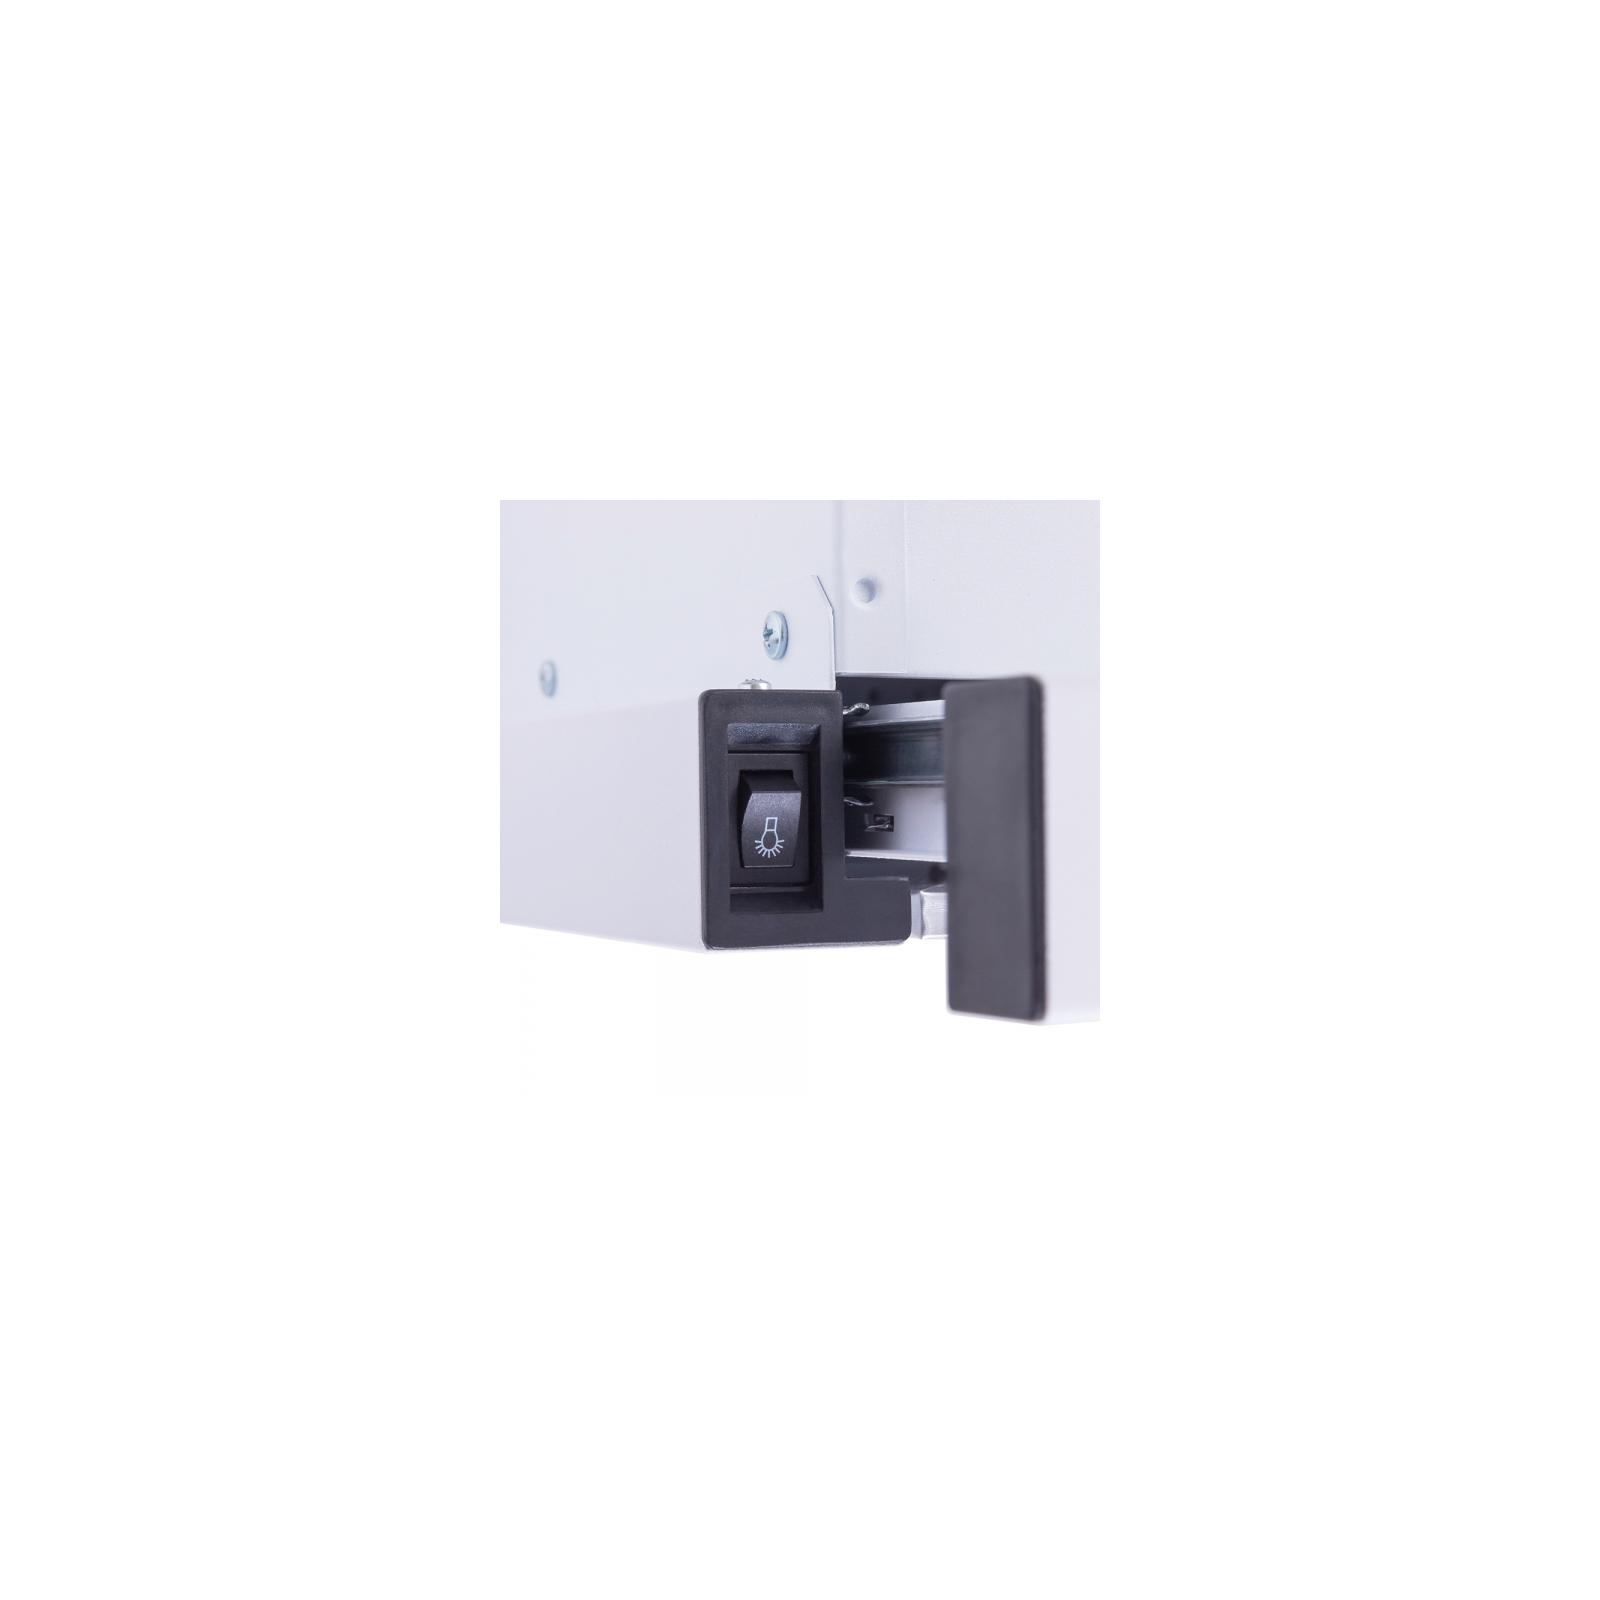 Вытяжка кухонная Perfelli TL 5212 C S/I 650 LED изображение 9